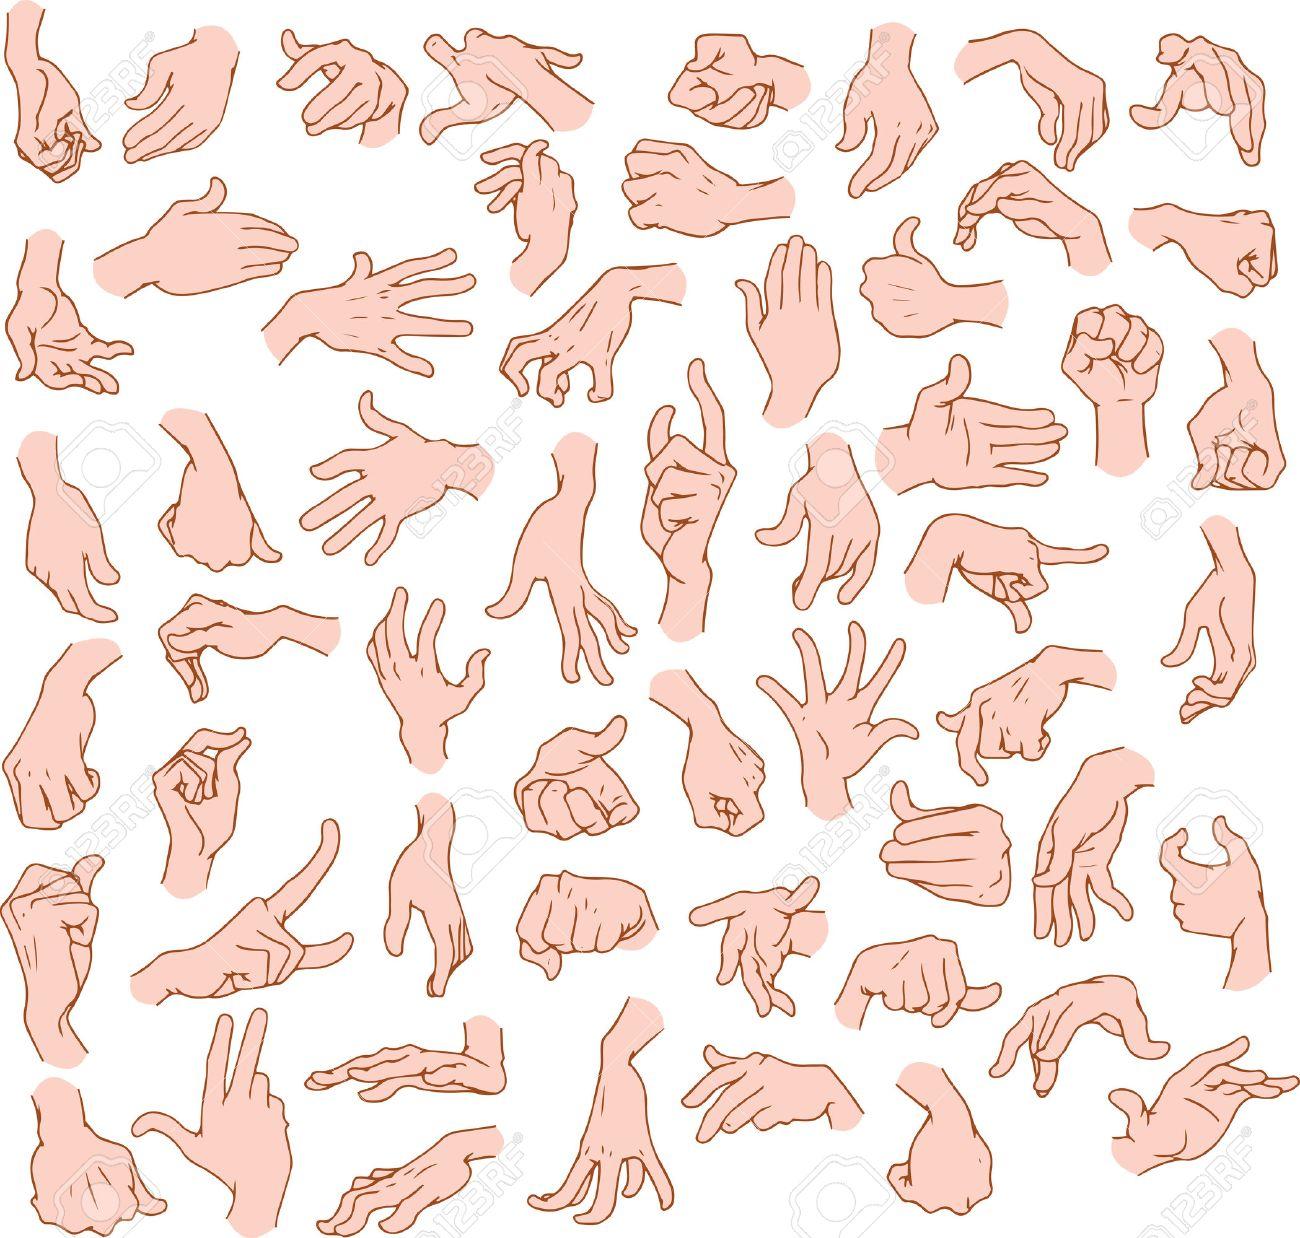 ベクトル イラスト パック男の手の様々 なジェスチャーのイラスト素材